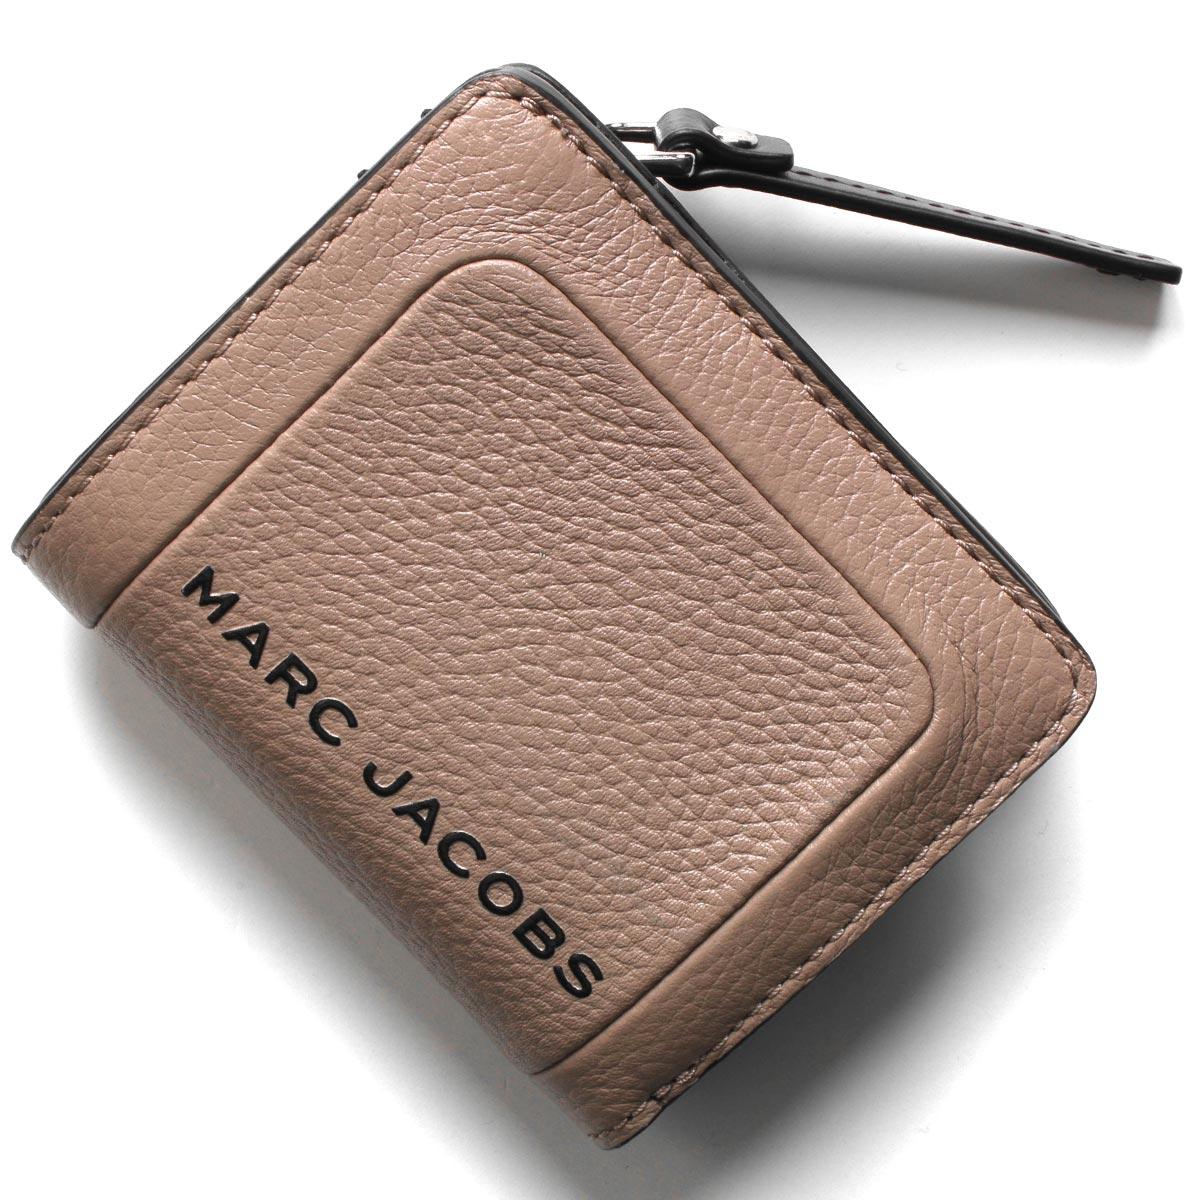 マークジェイコブス 二つ折り財布 財布 レディース ザ テクスチャード ボックス ベージュ M0015107 260 MARC JACOBS